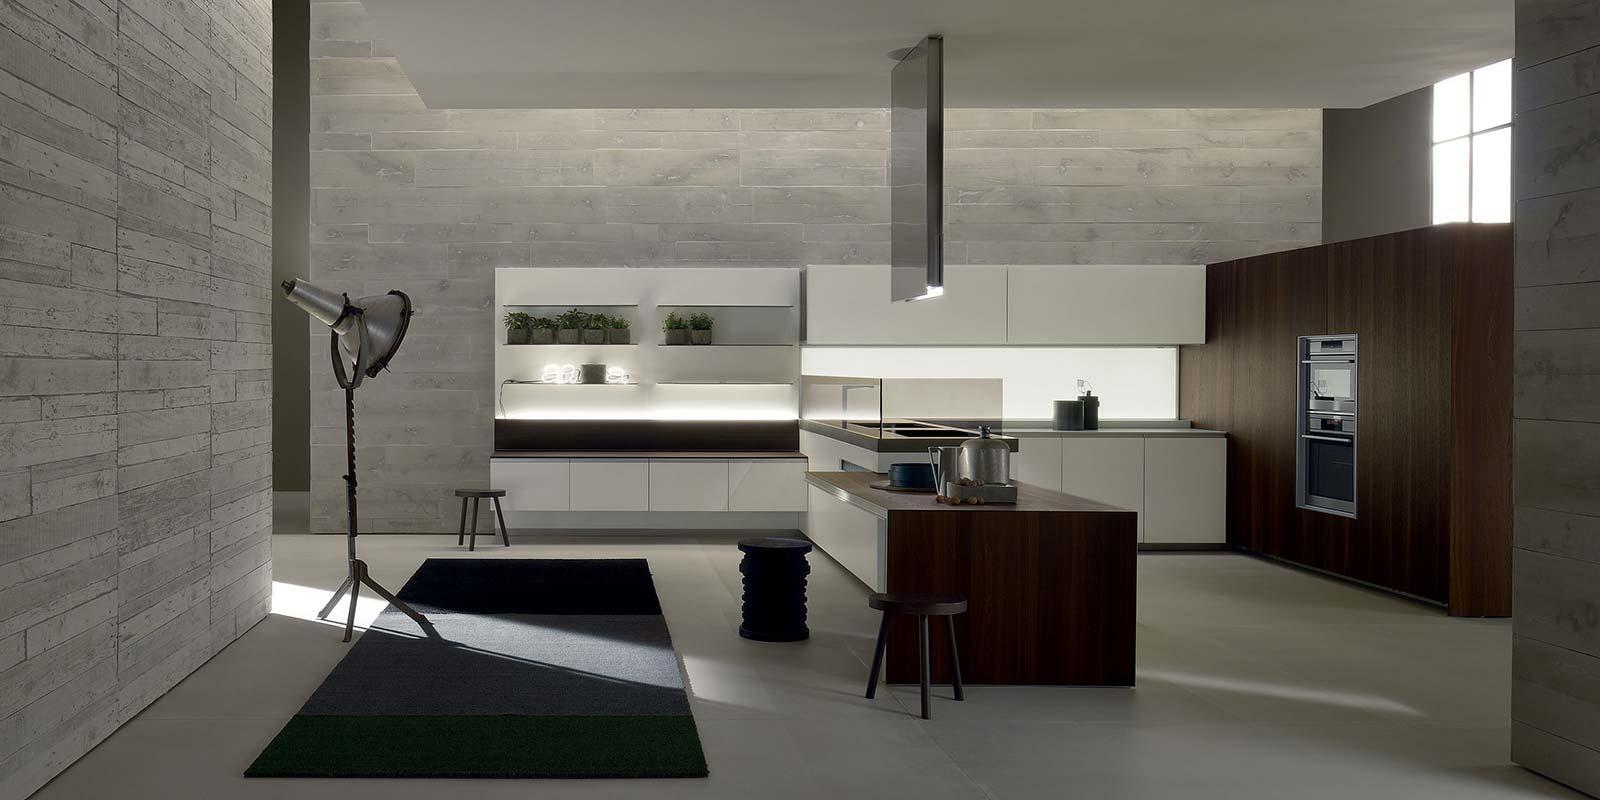 Come progettare una cucina - Bruno interni